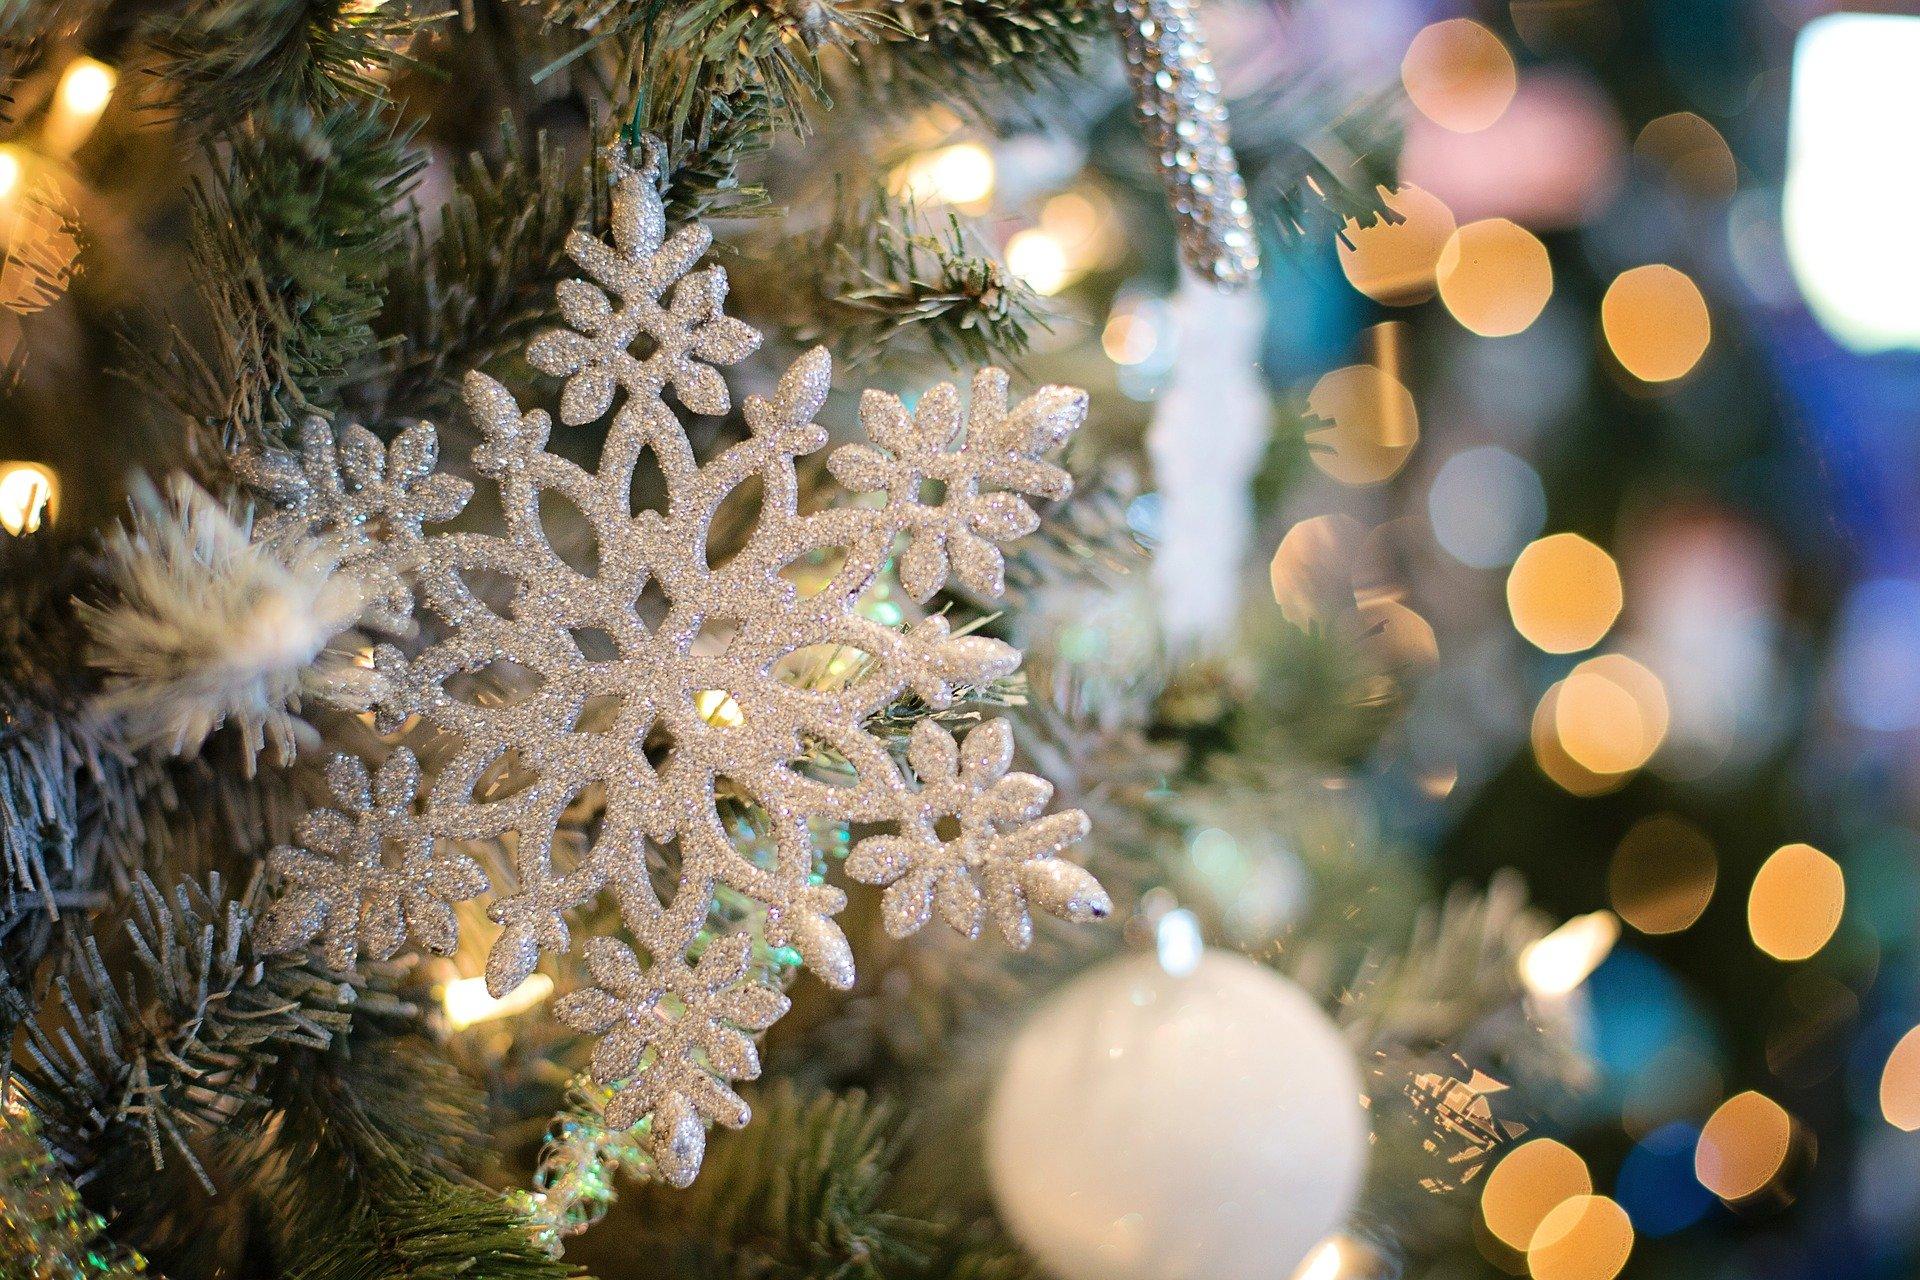 Unsere Öffnungszeiten an den Weihnachtstagen: